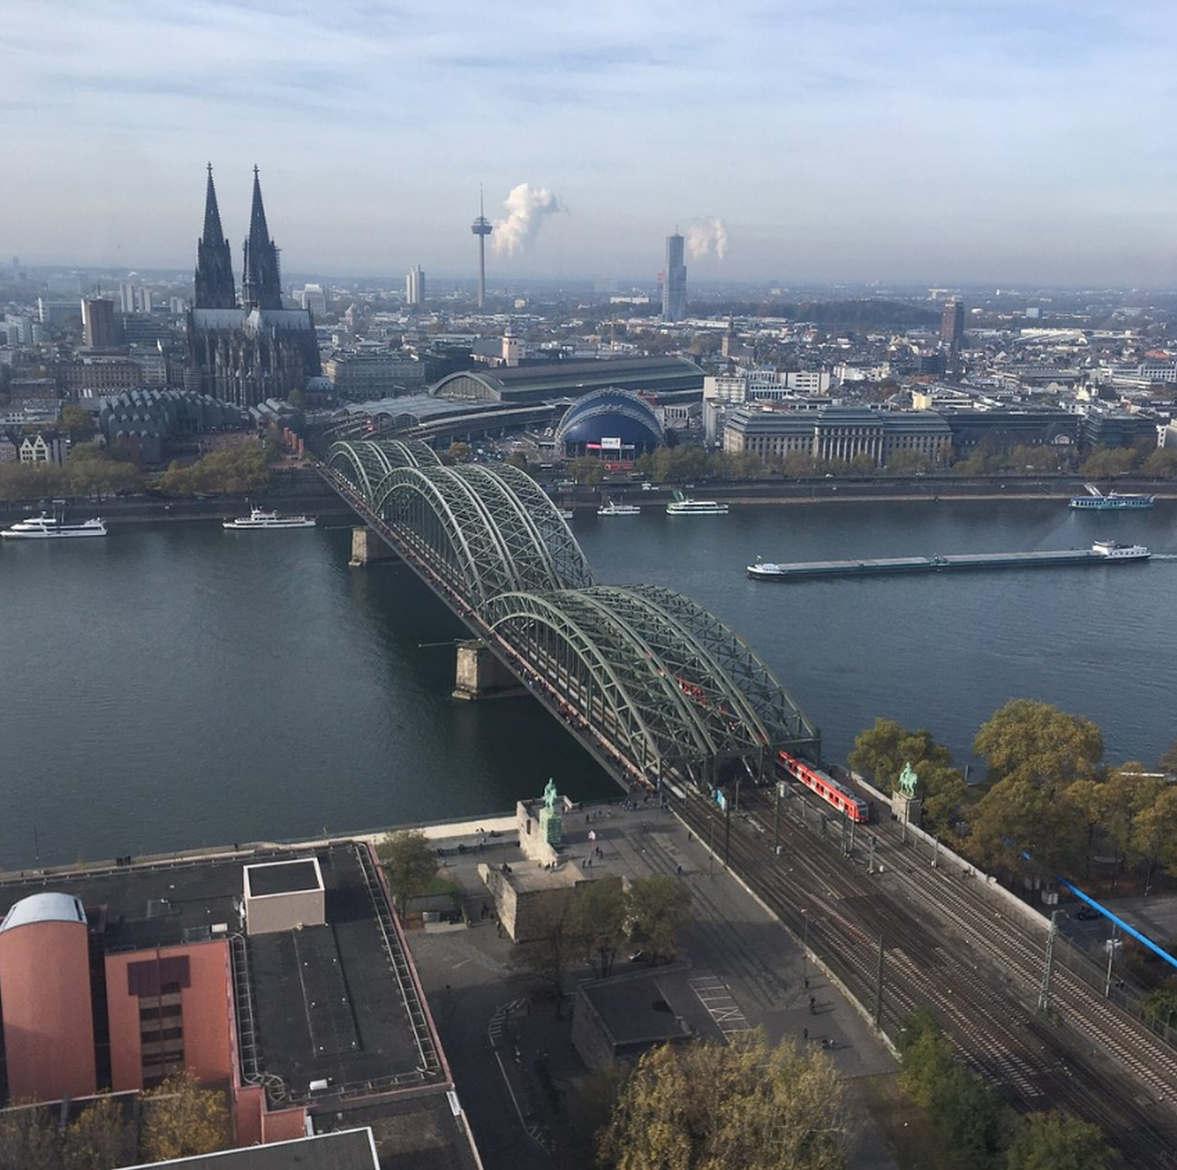 """<p><strong style=""""color: rgb(0, 102, 204);""""><em>Das Köln Triangle ist ein 103,2 Meter hohes Gebäude (28 Stockwerke), das den besten Panoramablick auf die gesamte Stadt bietet. Sie können sofort navigieren.</em></strong></p><p><strong><em>Sie können wunderbare Fotos machen. Liebe diesen Ort wirklich)</em></strong></p>"""